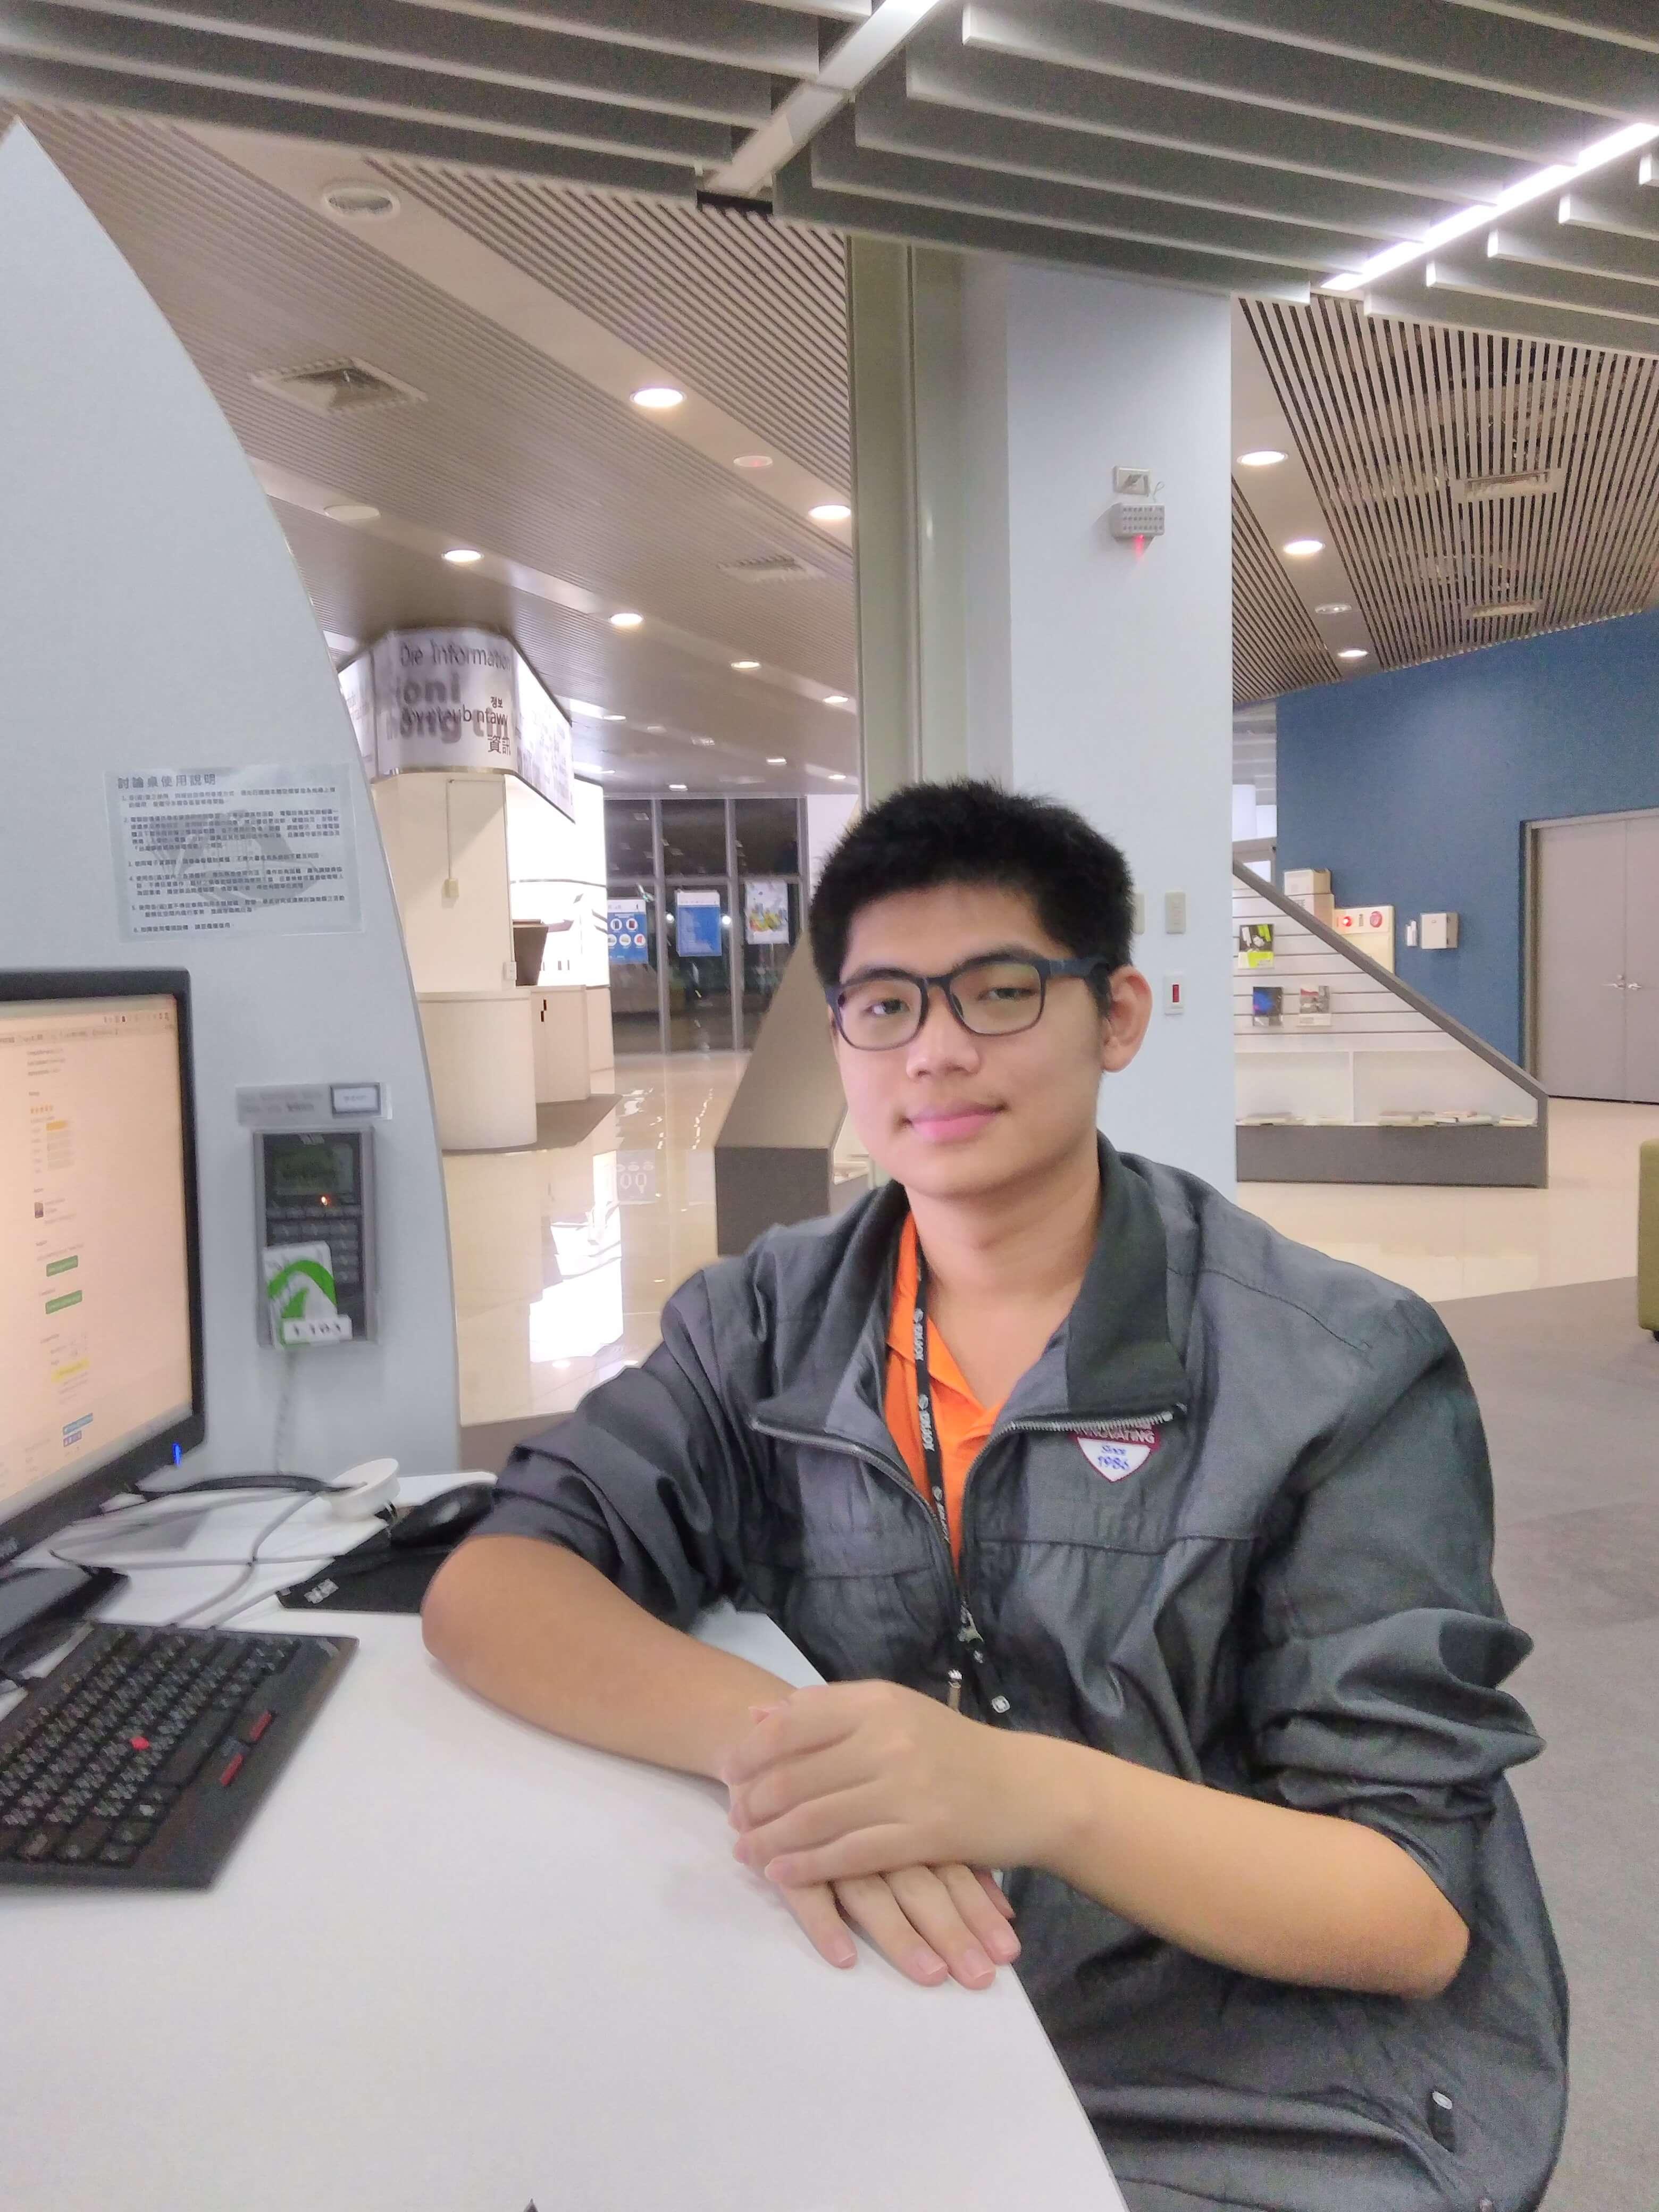 105 台東大學 資訊工程學系 備審資料